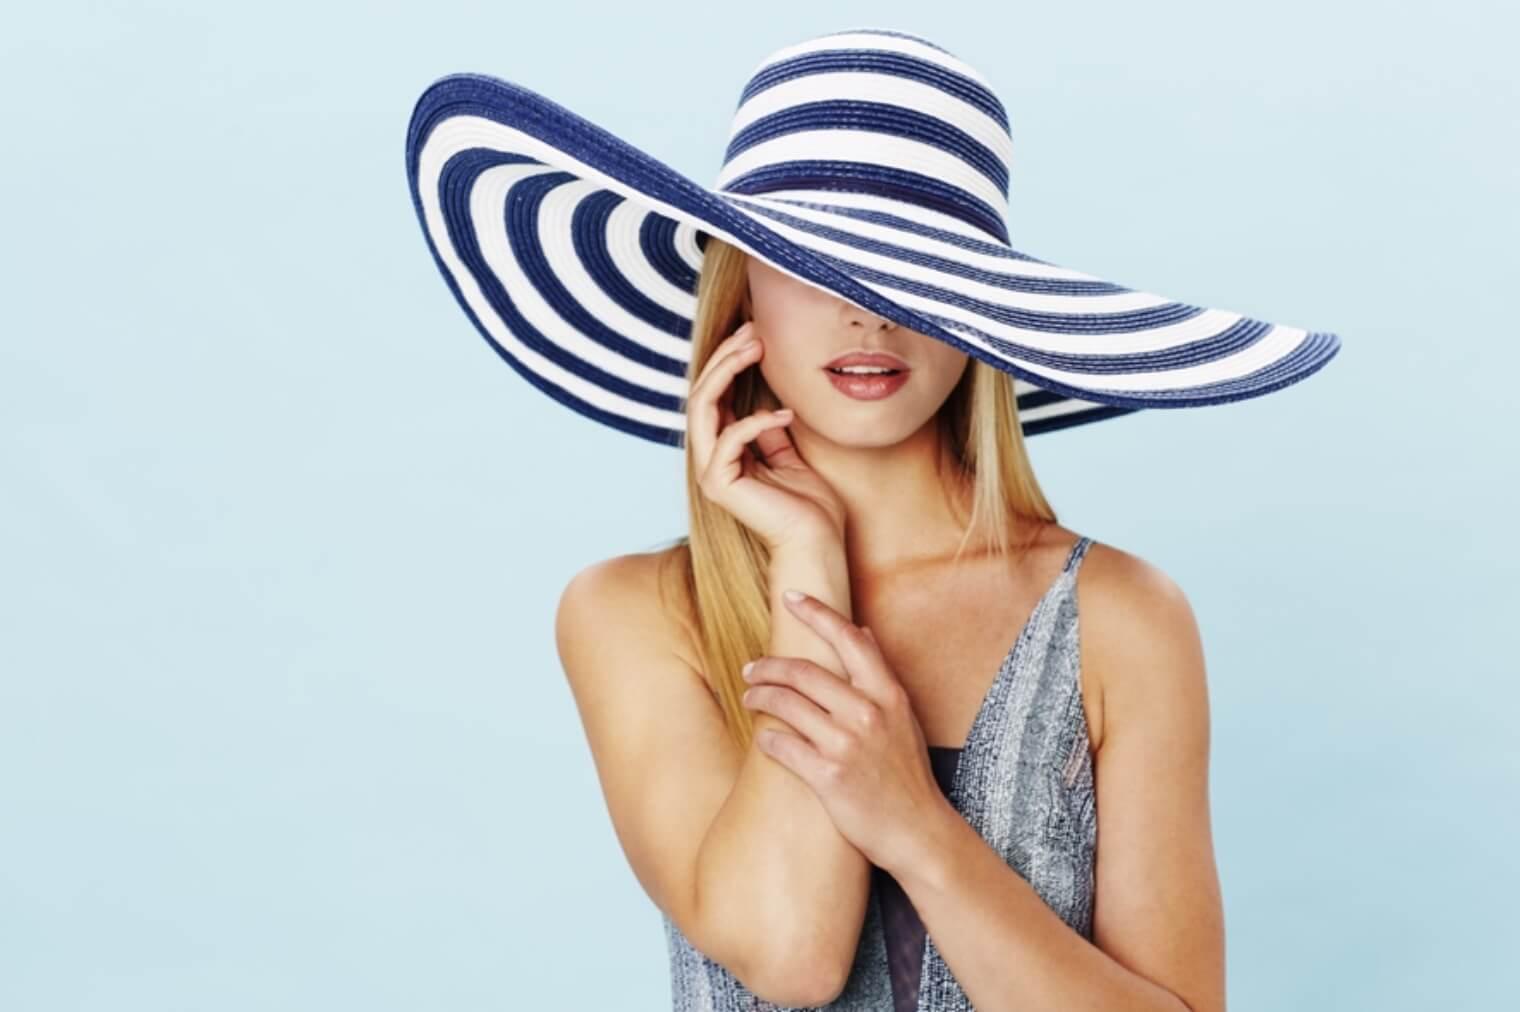 収納しにくいハット帽子の置き方や収納方法のアイデア特集